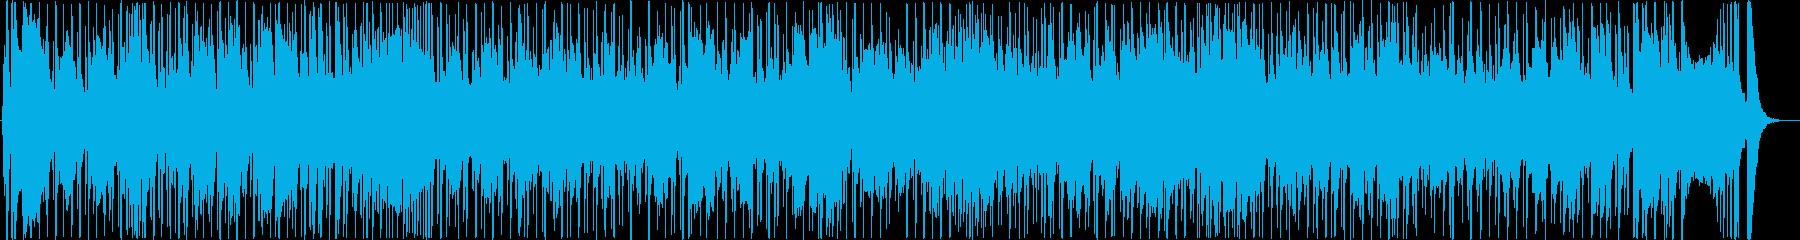 ブルースクラシック、背景、ハーモニ...の再生済みの波形